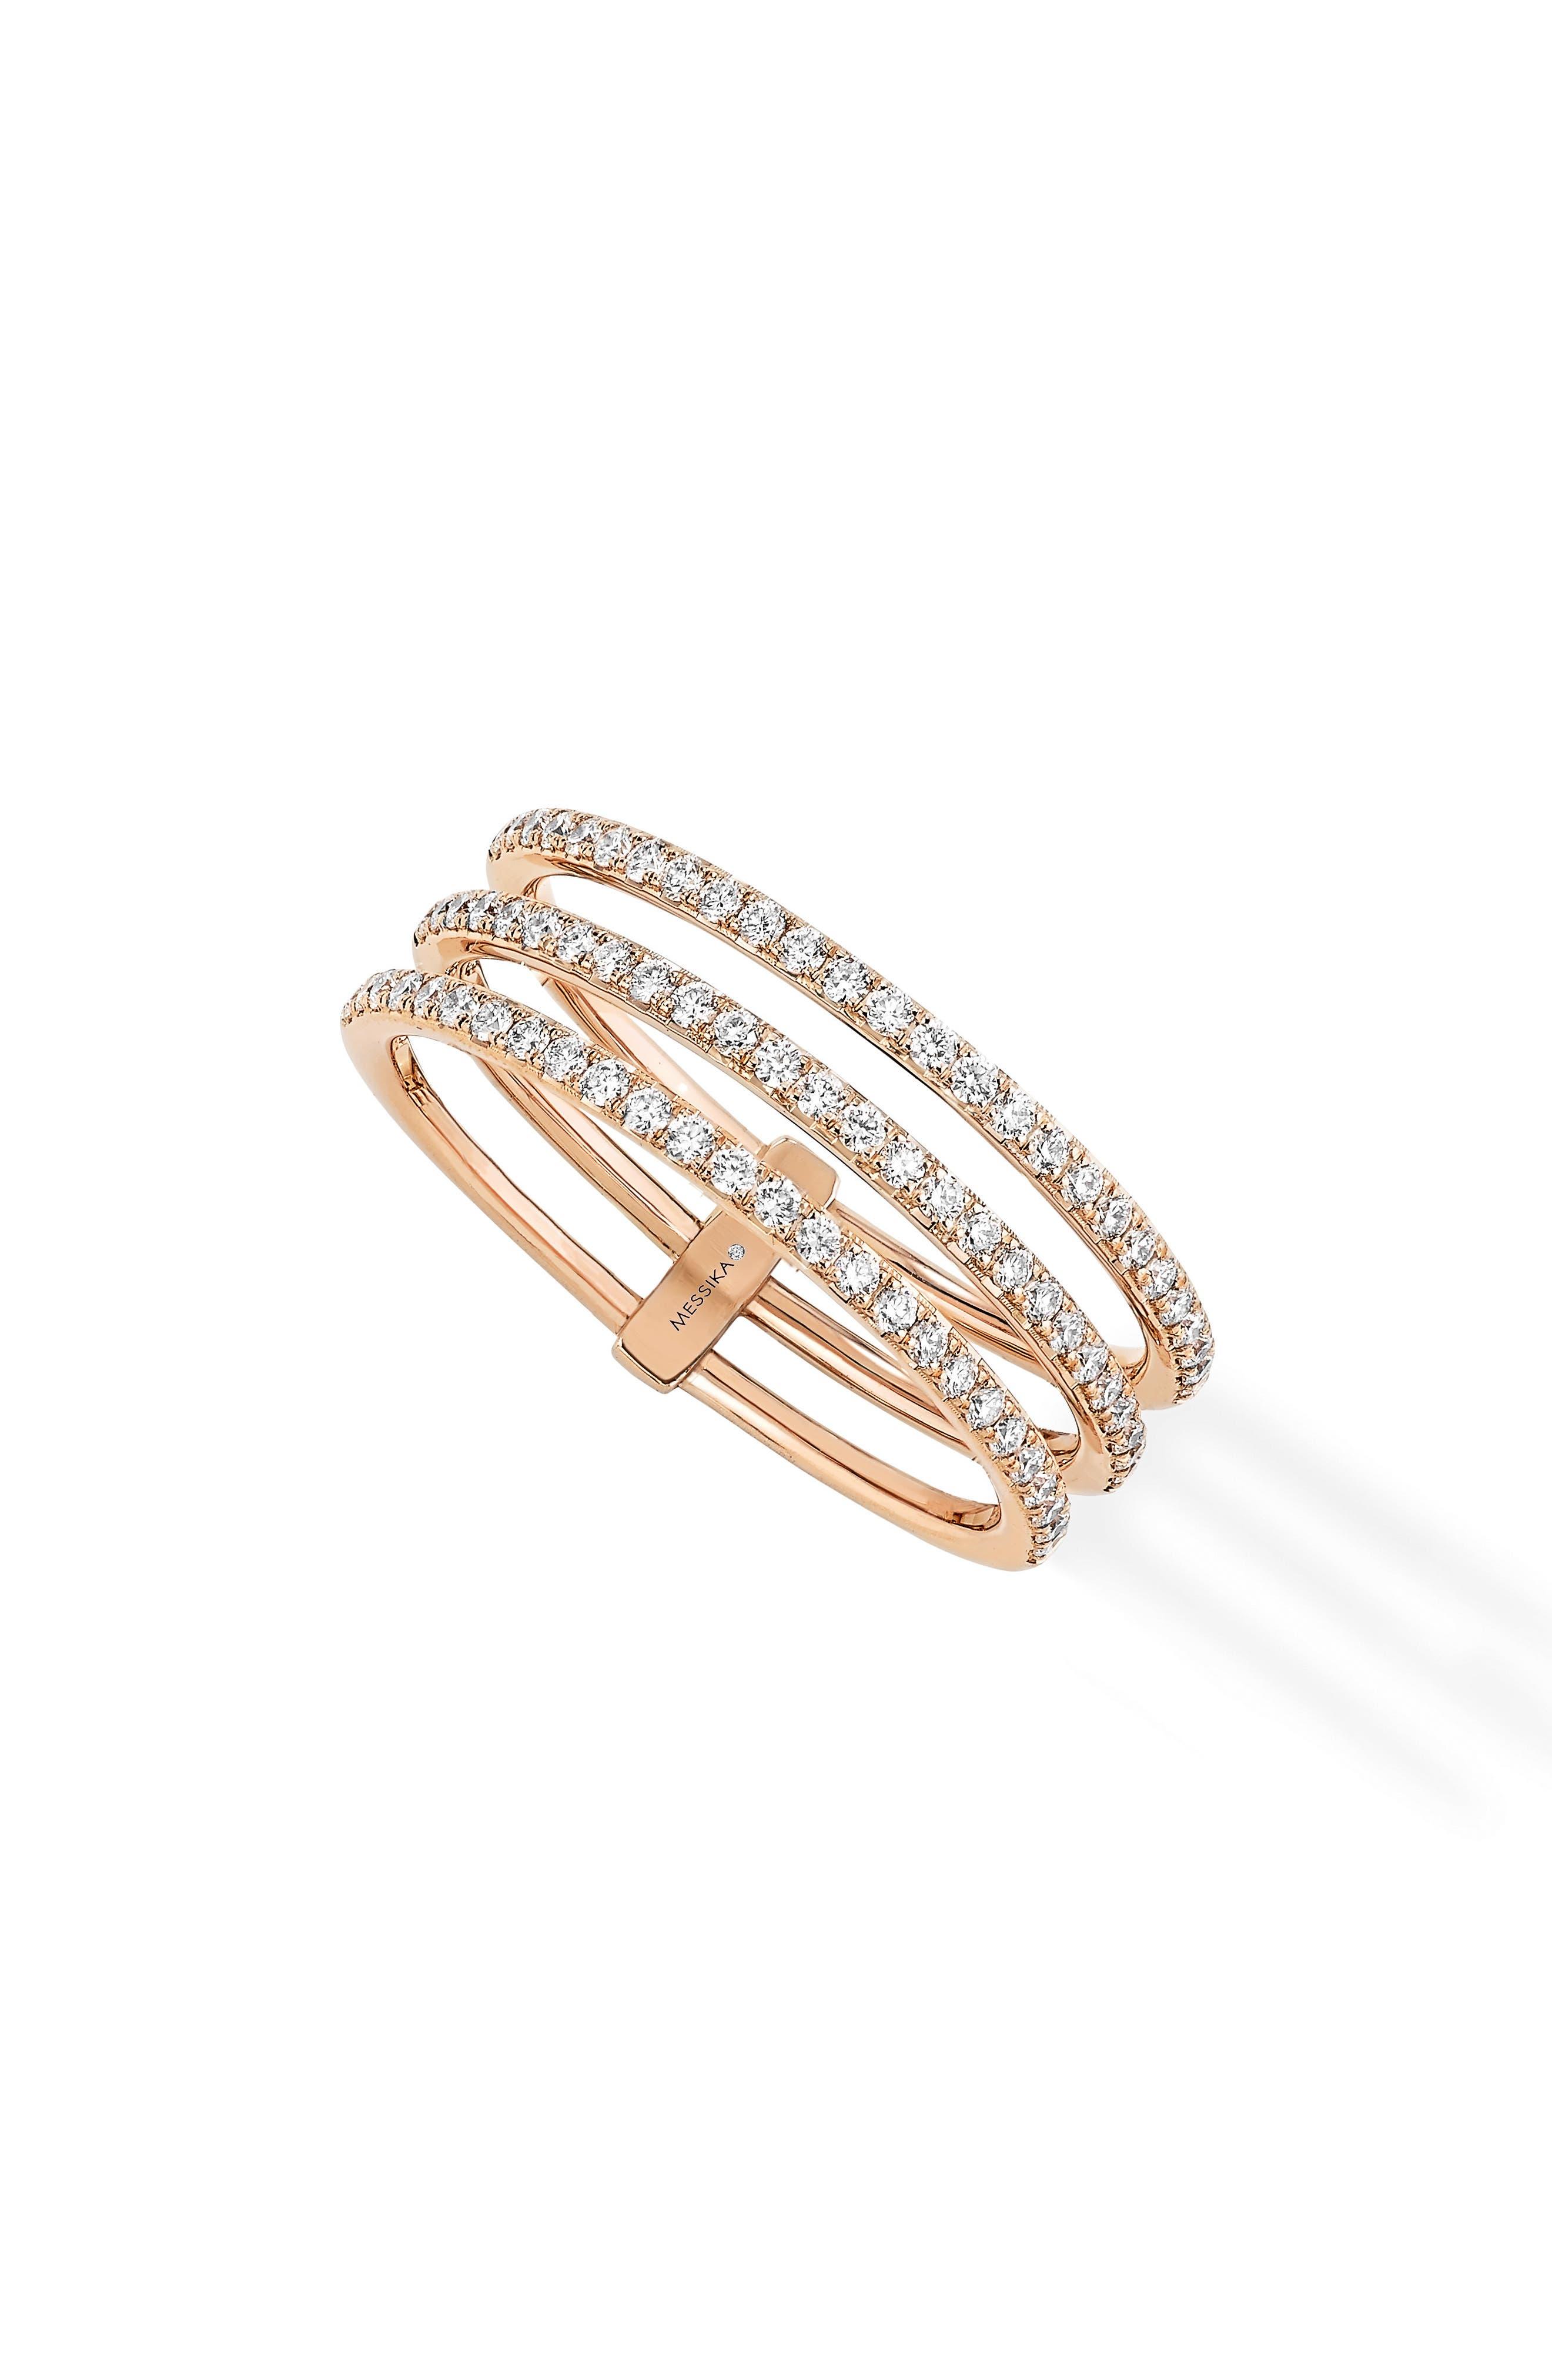 Messika 3-Row Diamond Ring